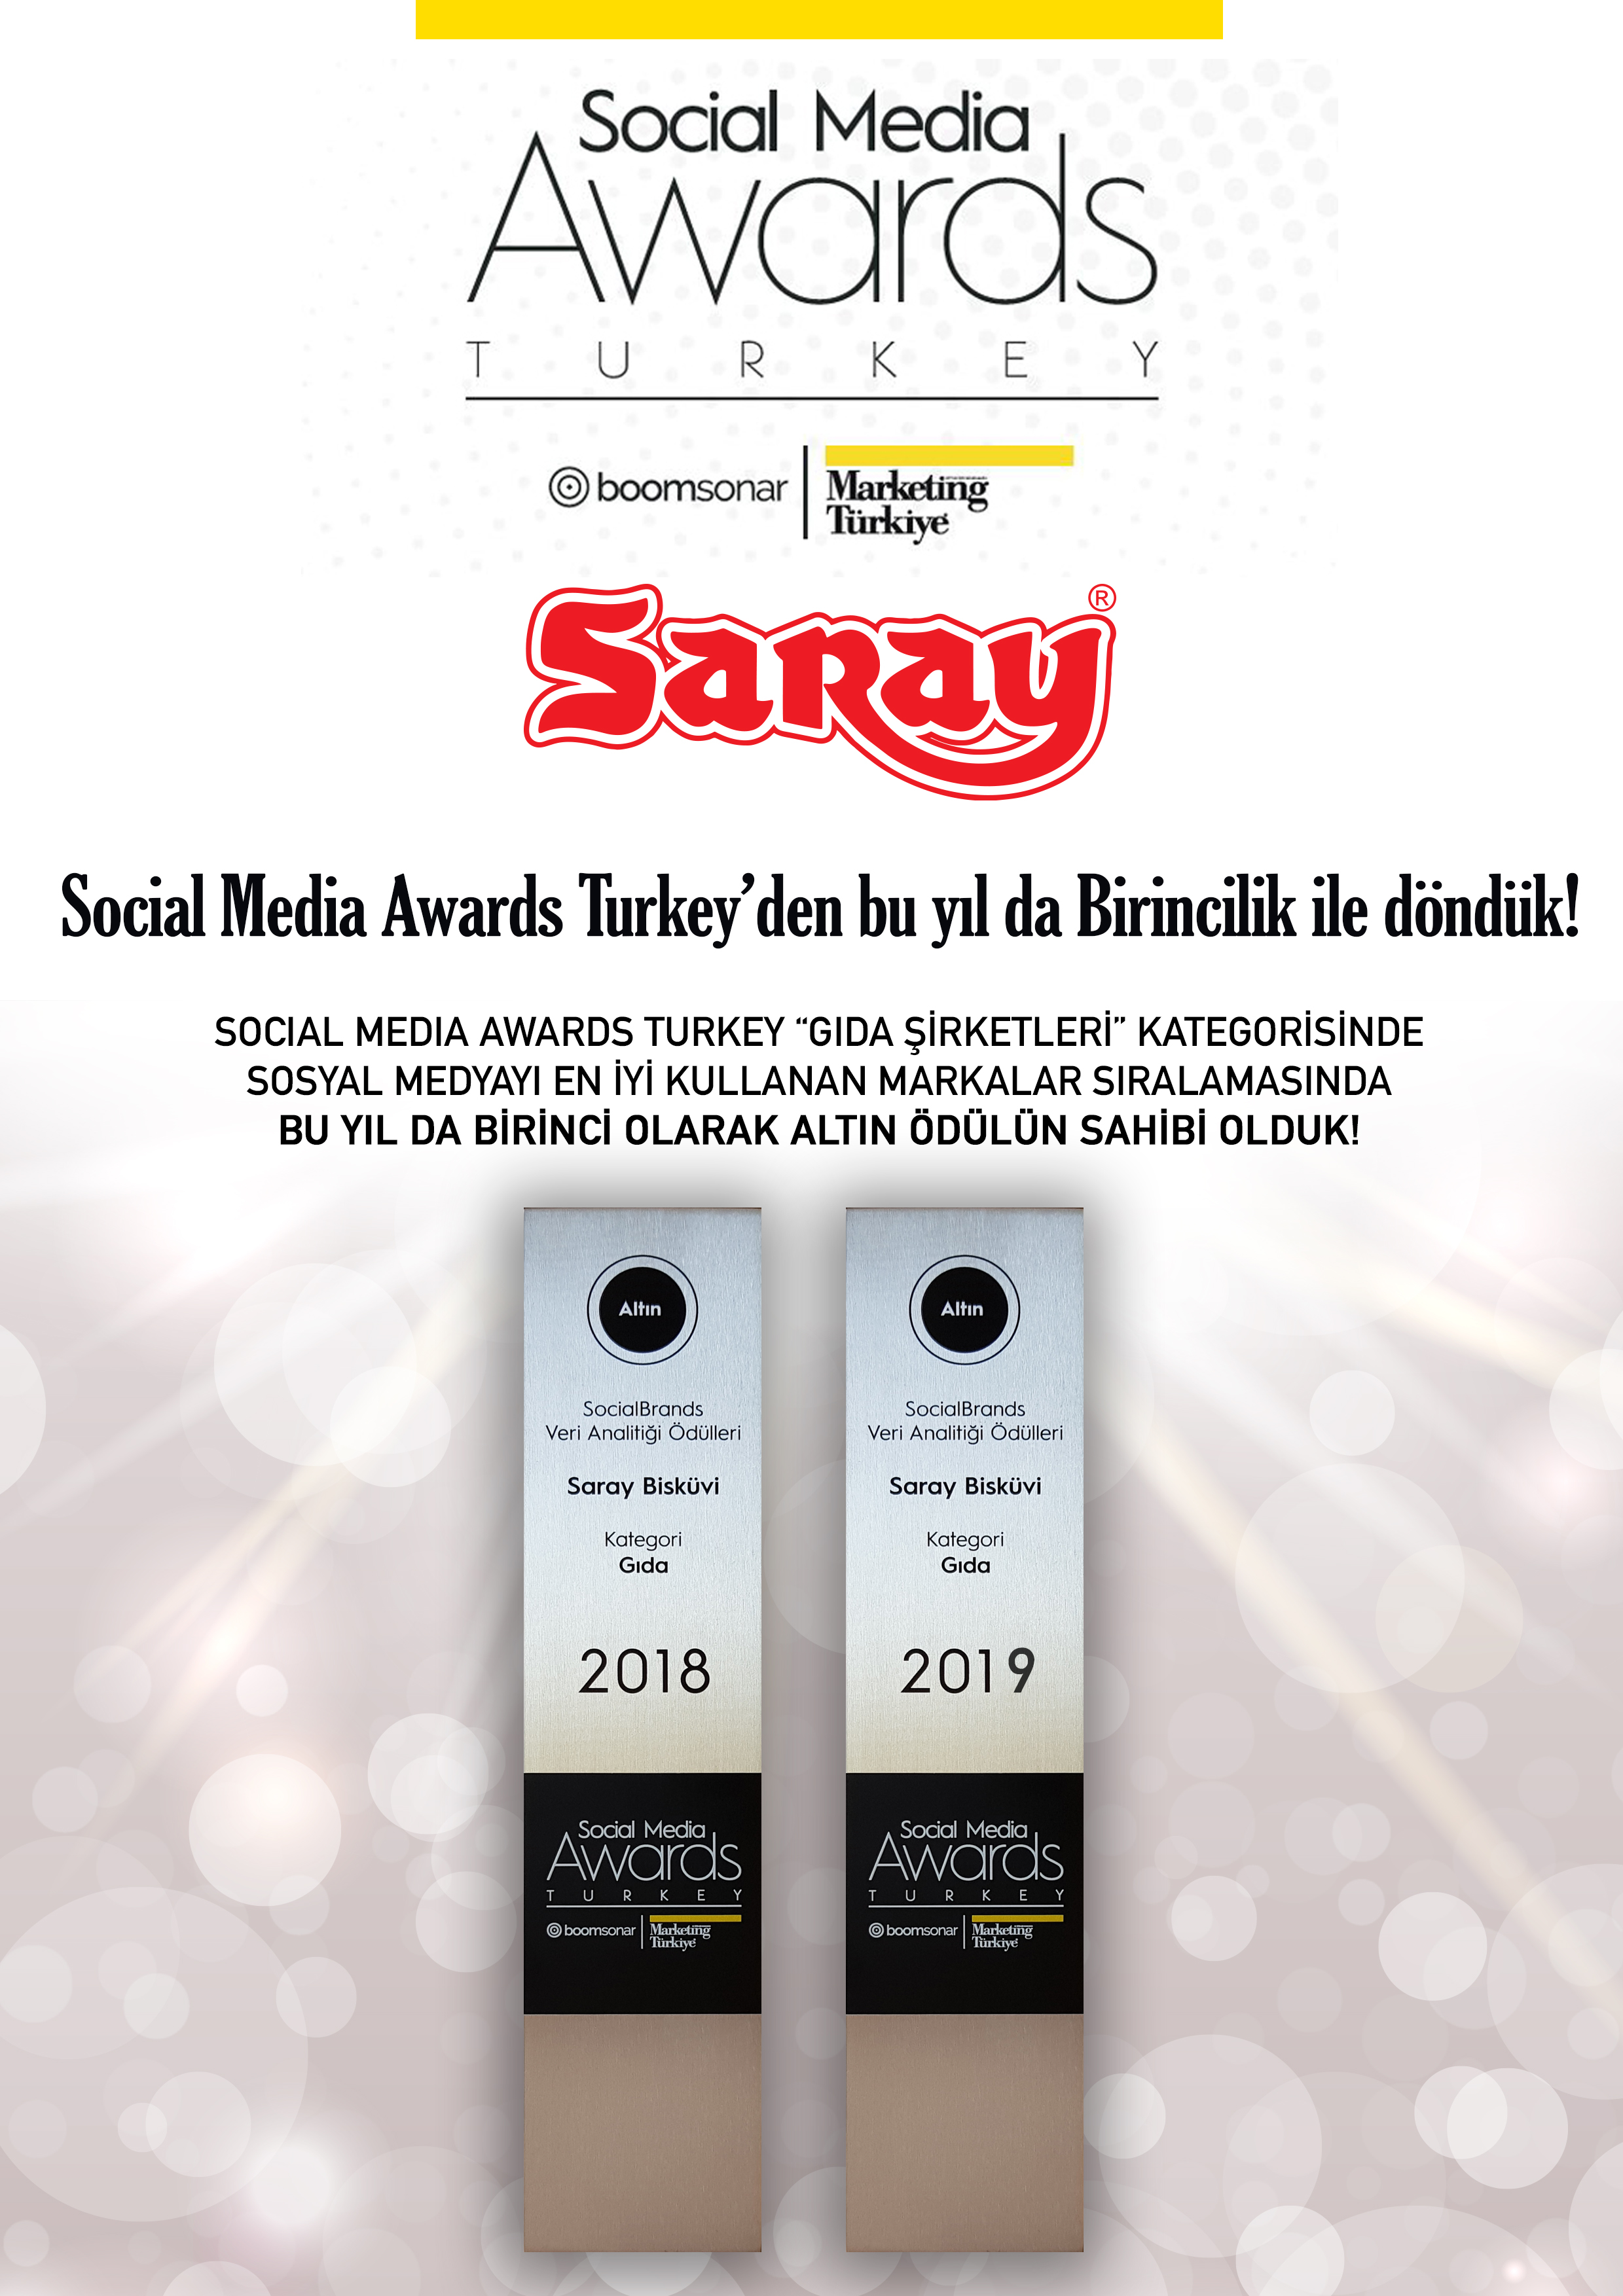 SARAY'DAN BİR BAŞARI DAHA ! -  Social Media Awards Turkey 2019 Ödüllerinde Altın Ödül (Birincilik) Yine Saray Bisküvi'nin